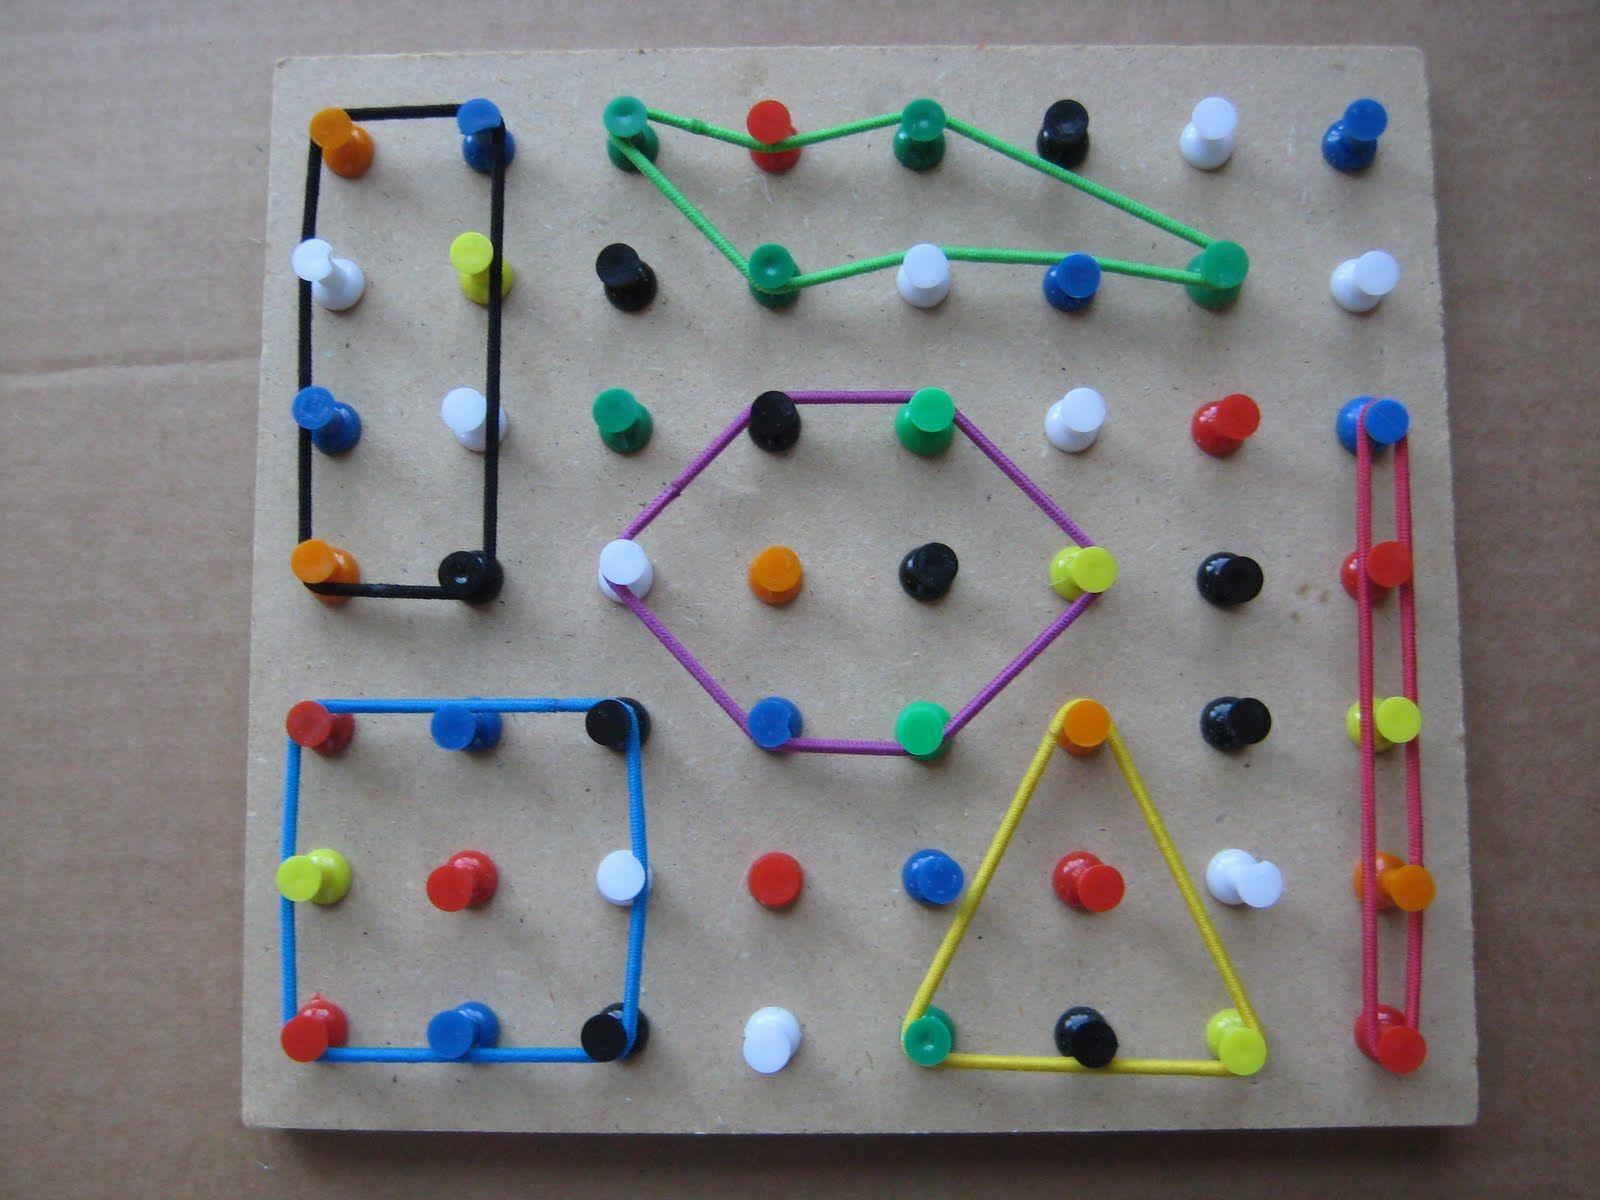 Make A Geo Board With Thumb Tacks And Hair Bands